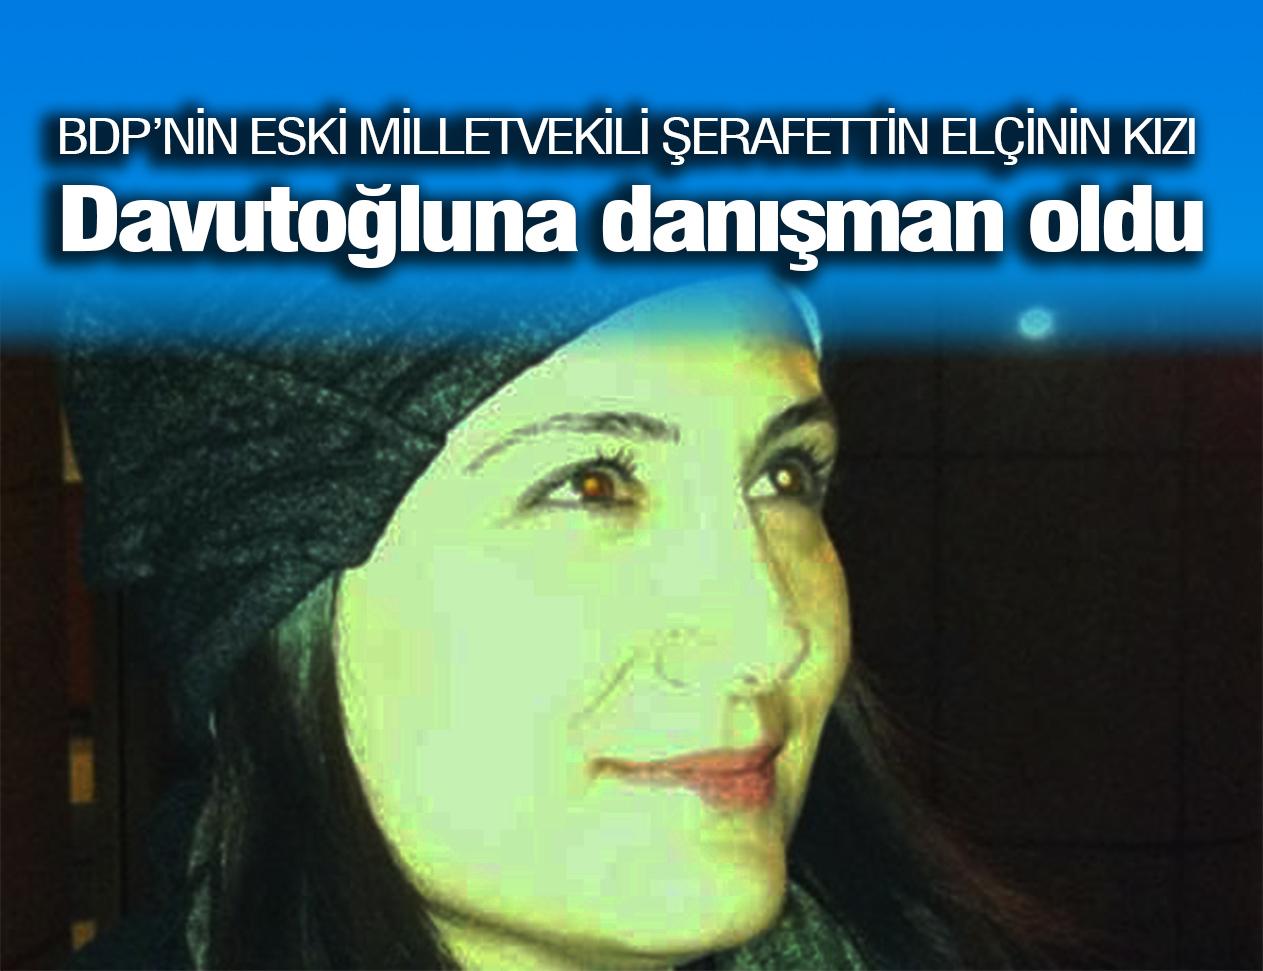 Şerafettin Elçi'nin kızı Davutoğlu'a danışman oldu!